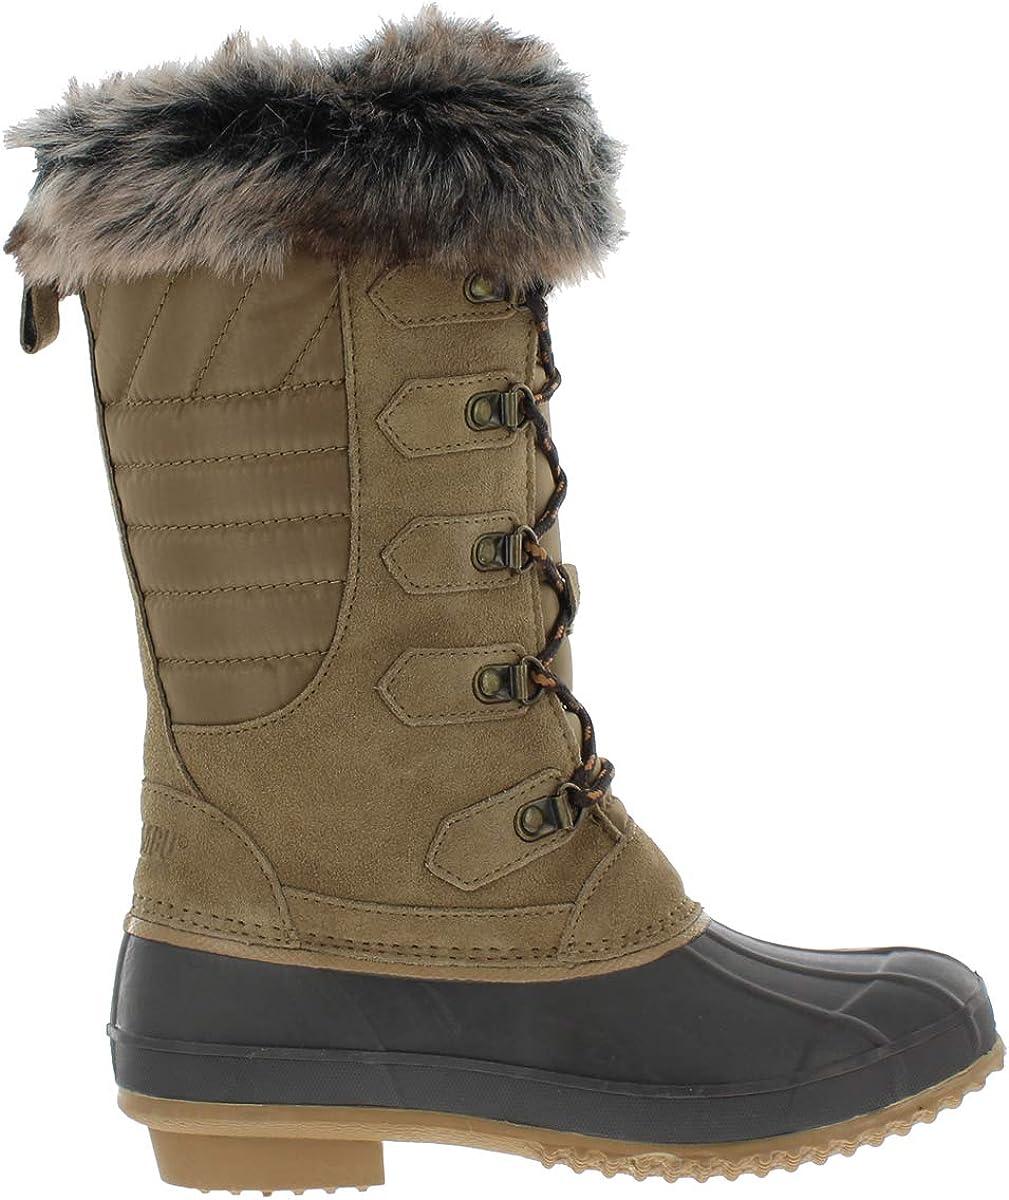 Khombu Caelyn Waterproof Winter Duck Boots for Women